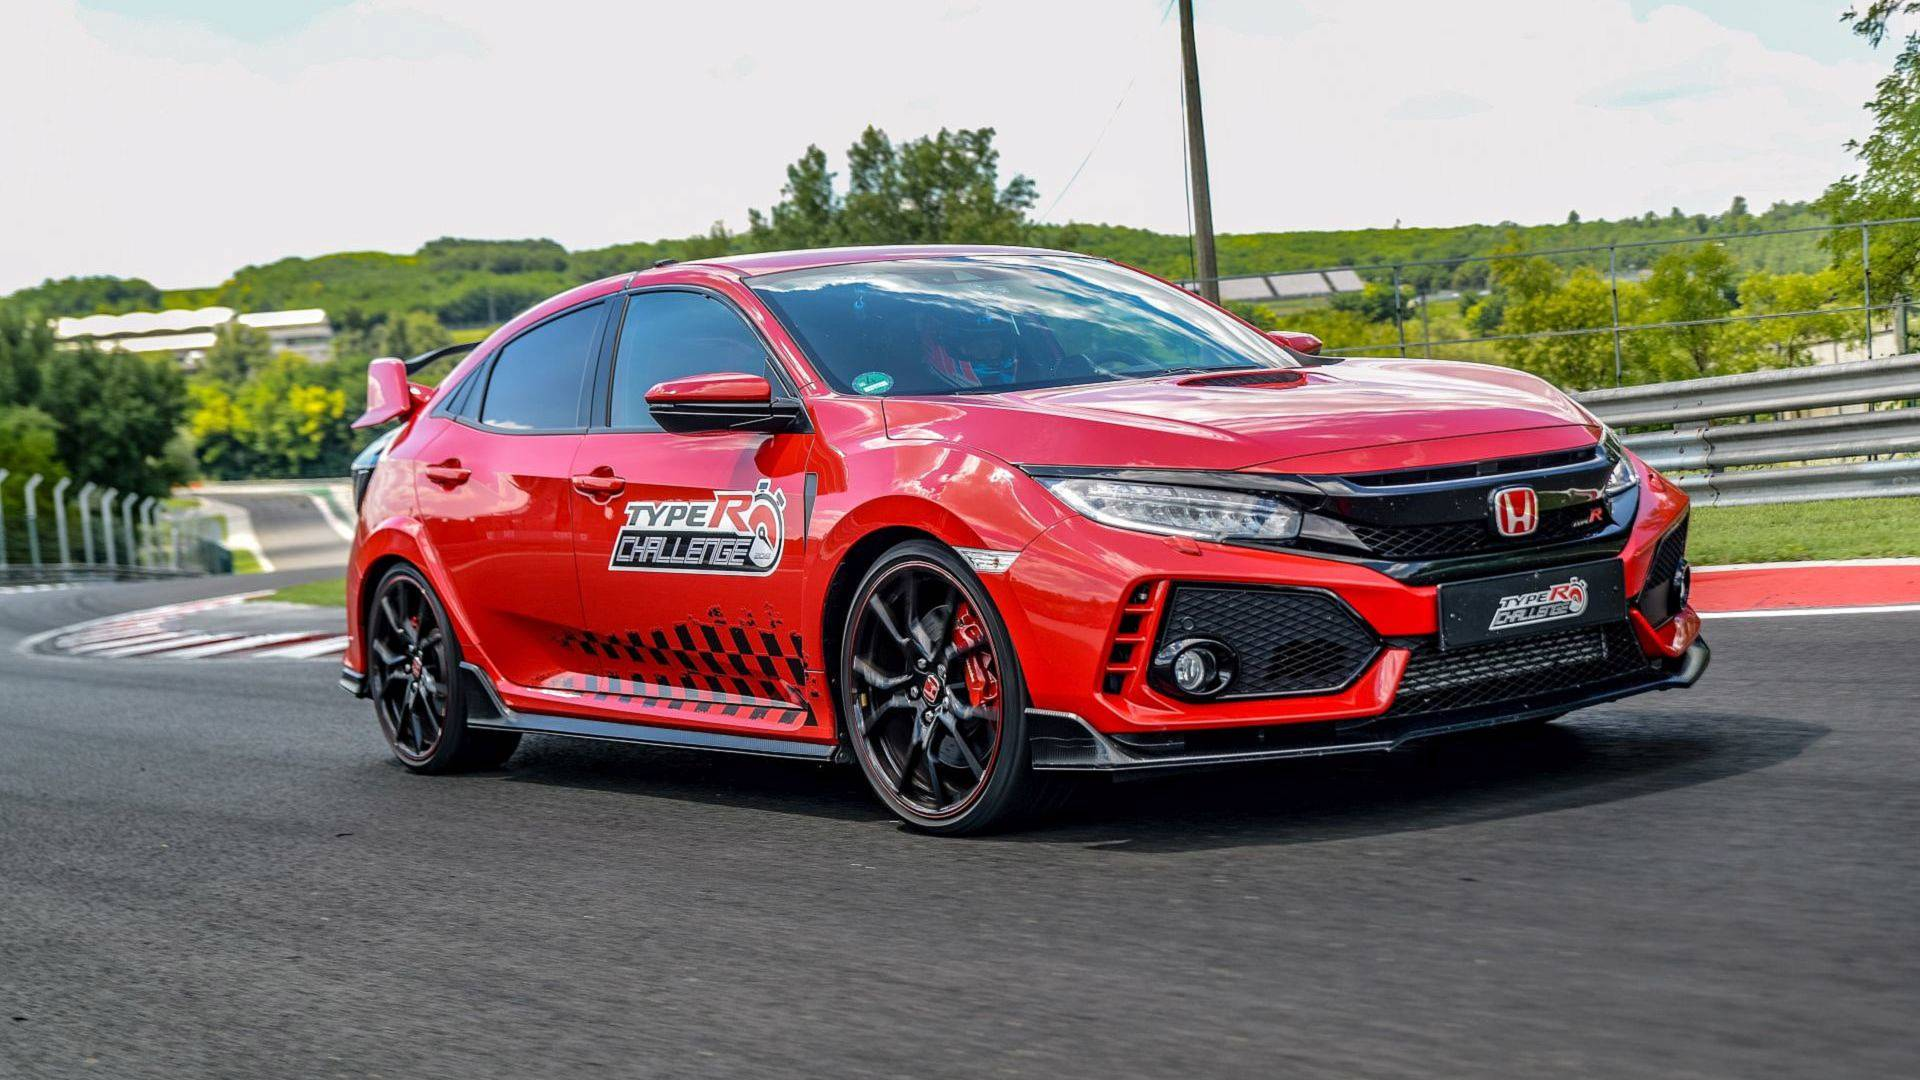 Honda Type R Challenge 2018 Hungaroring (2)